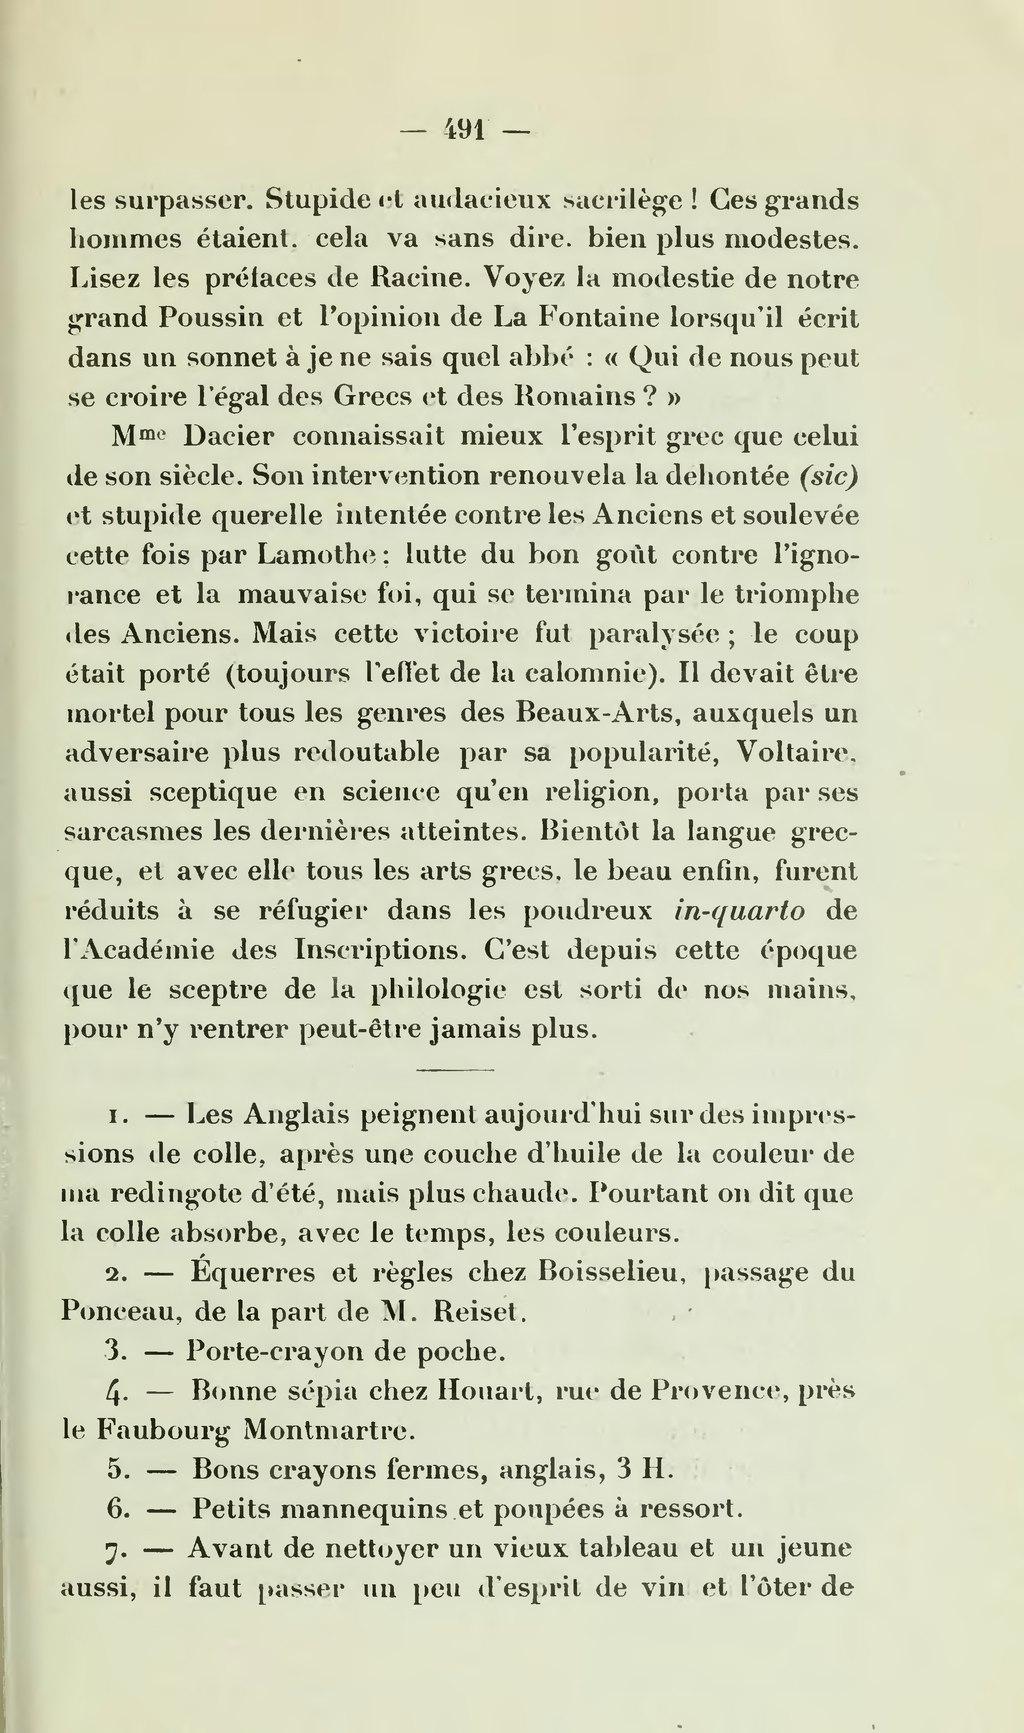 Nettoyer Un Vieux Tableau page:ingres d'après une correspondance inédite, éd. d'agen